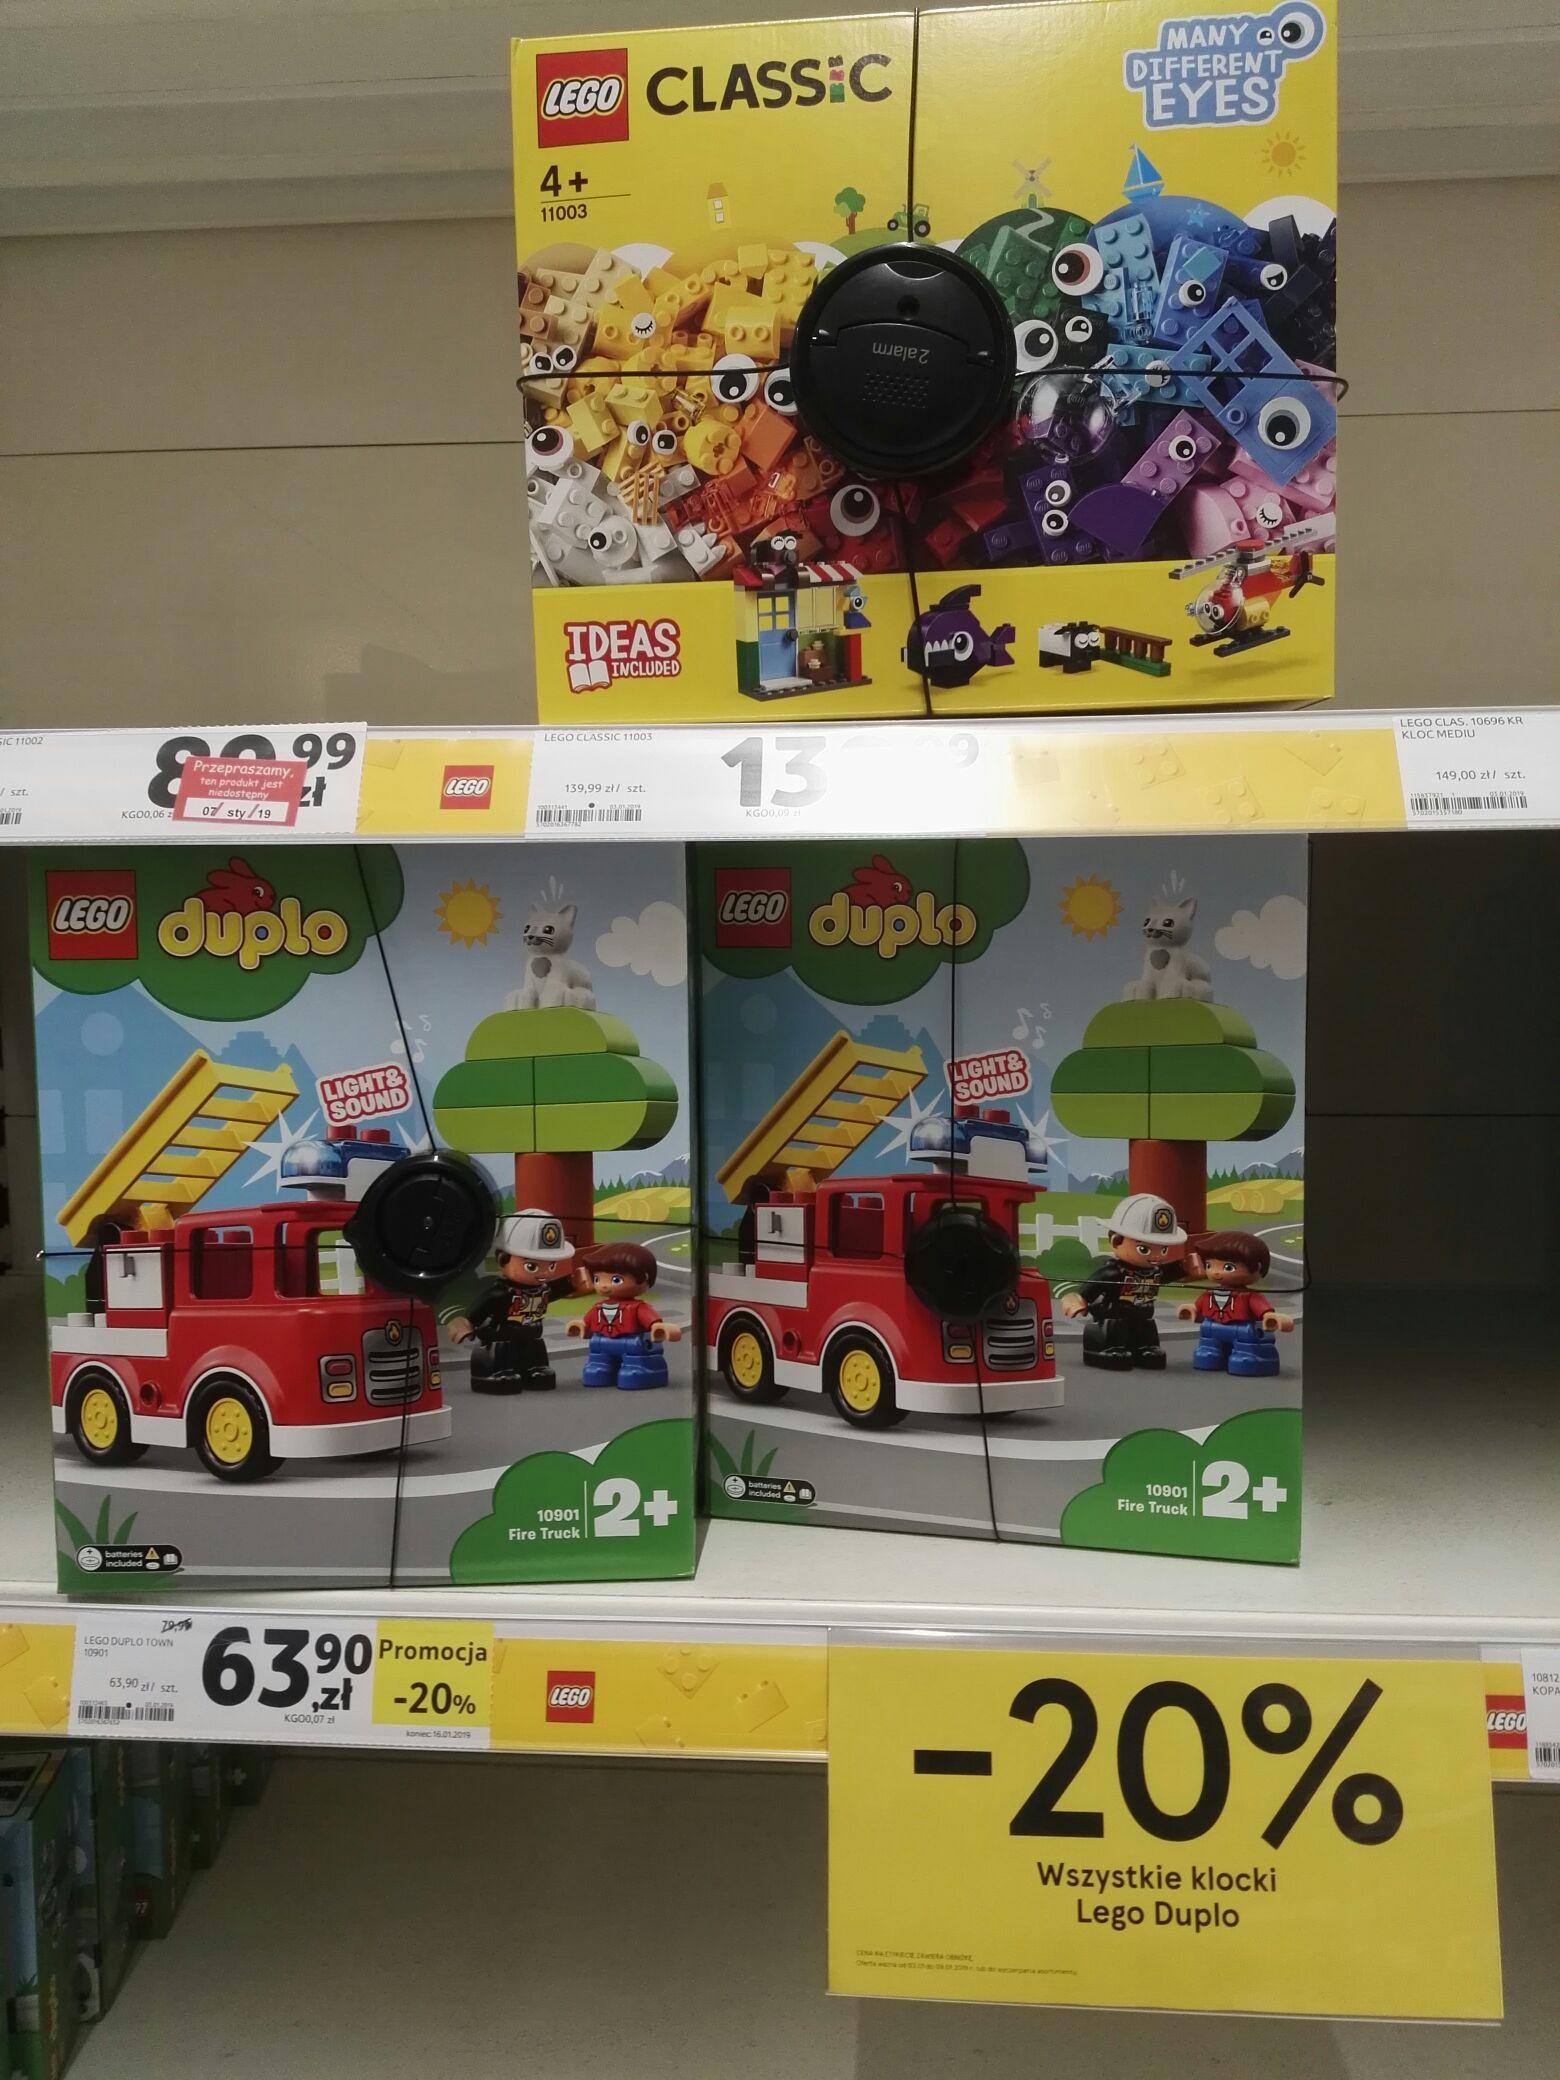 TESCO dla abstynentów - LEGO DUPLO, kawa -20% i inne